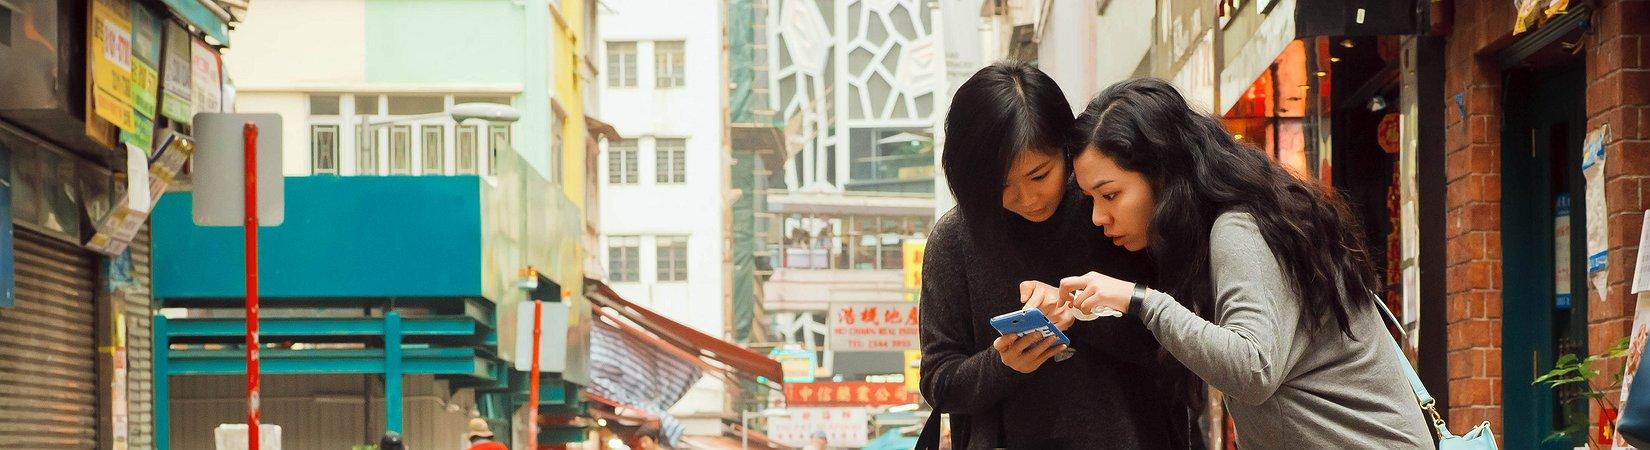 Autoridades chinesas bloquearam o WhatsApp em todo o país